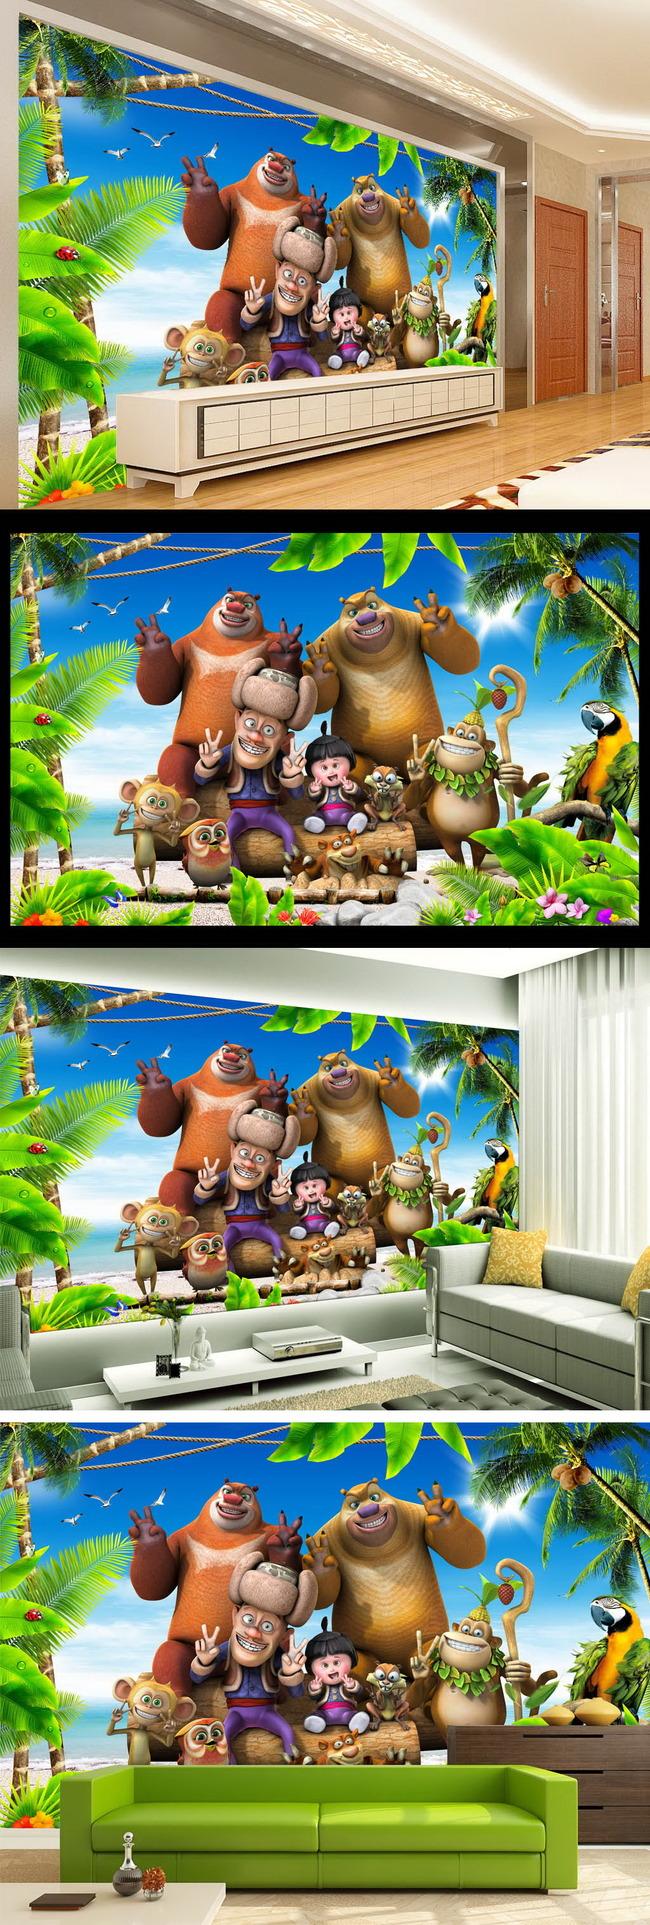 儿童房壁画 壁纸 儿童房 室内 装饰      壁画 儿童 卡通 可爱 熊出没